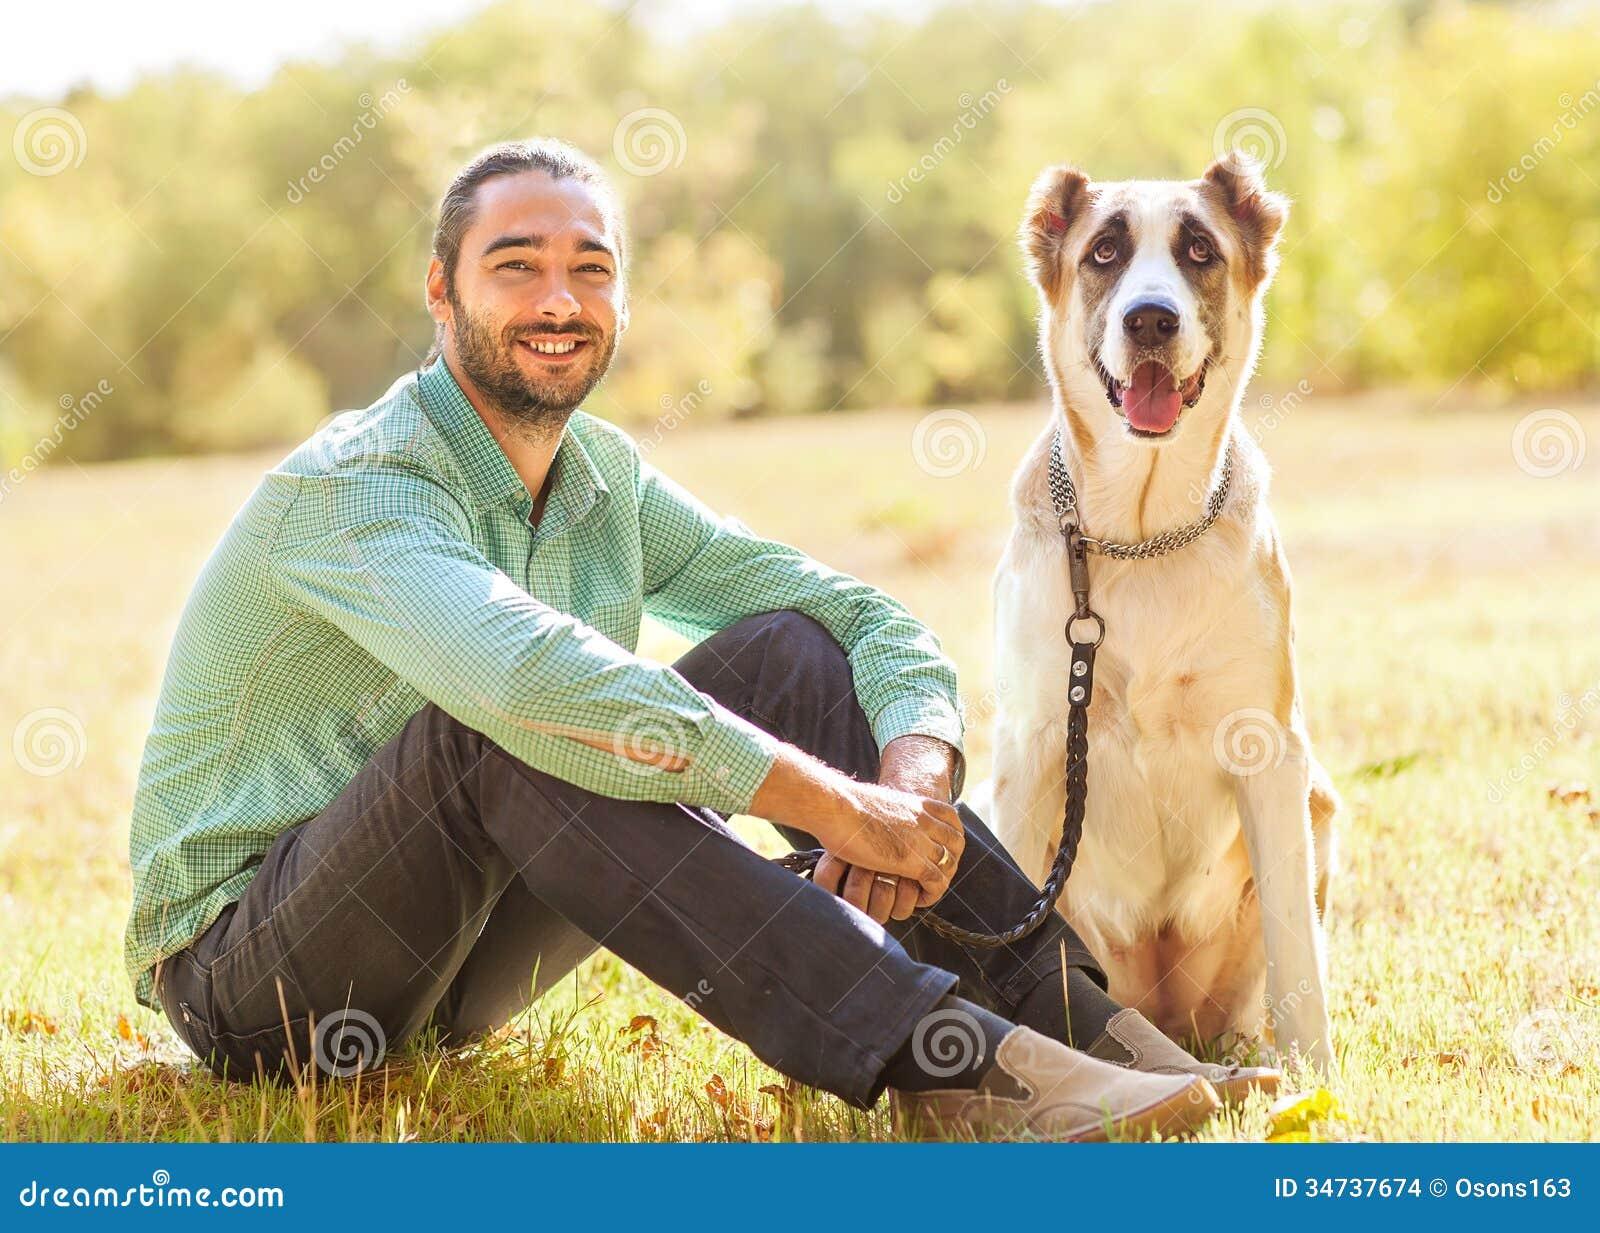 Cornudos man and dog